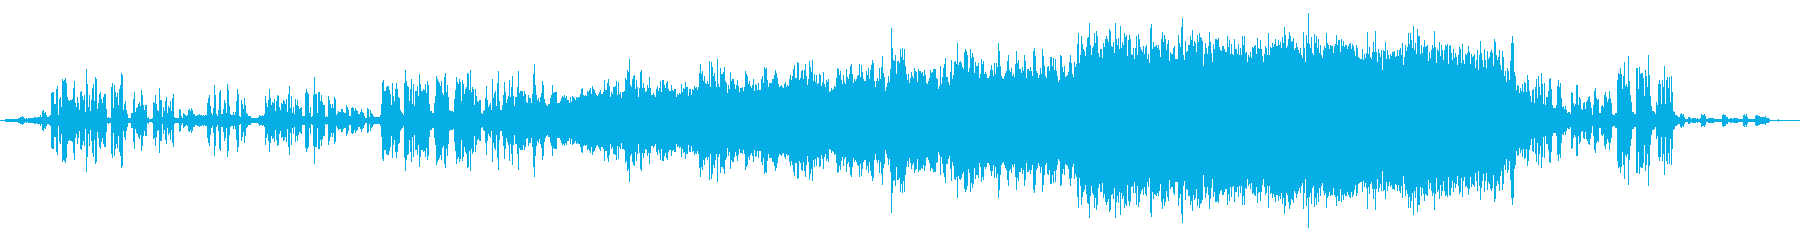 スペースシップ:劇的なカウントダウ...の再生済みの波形